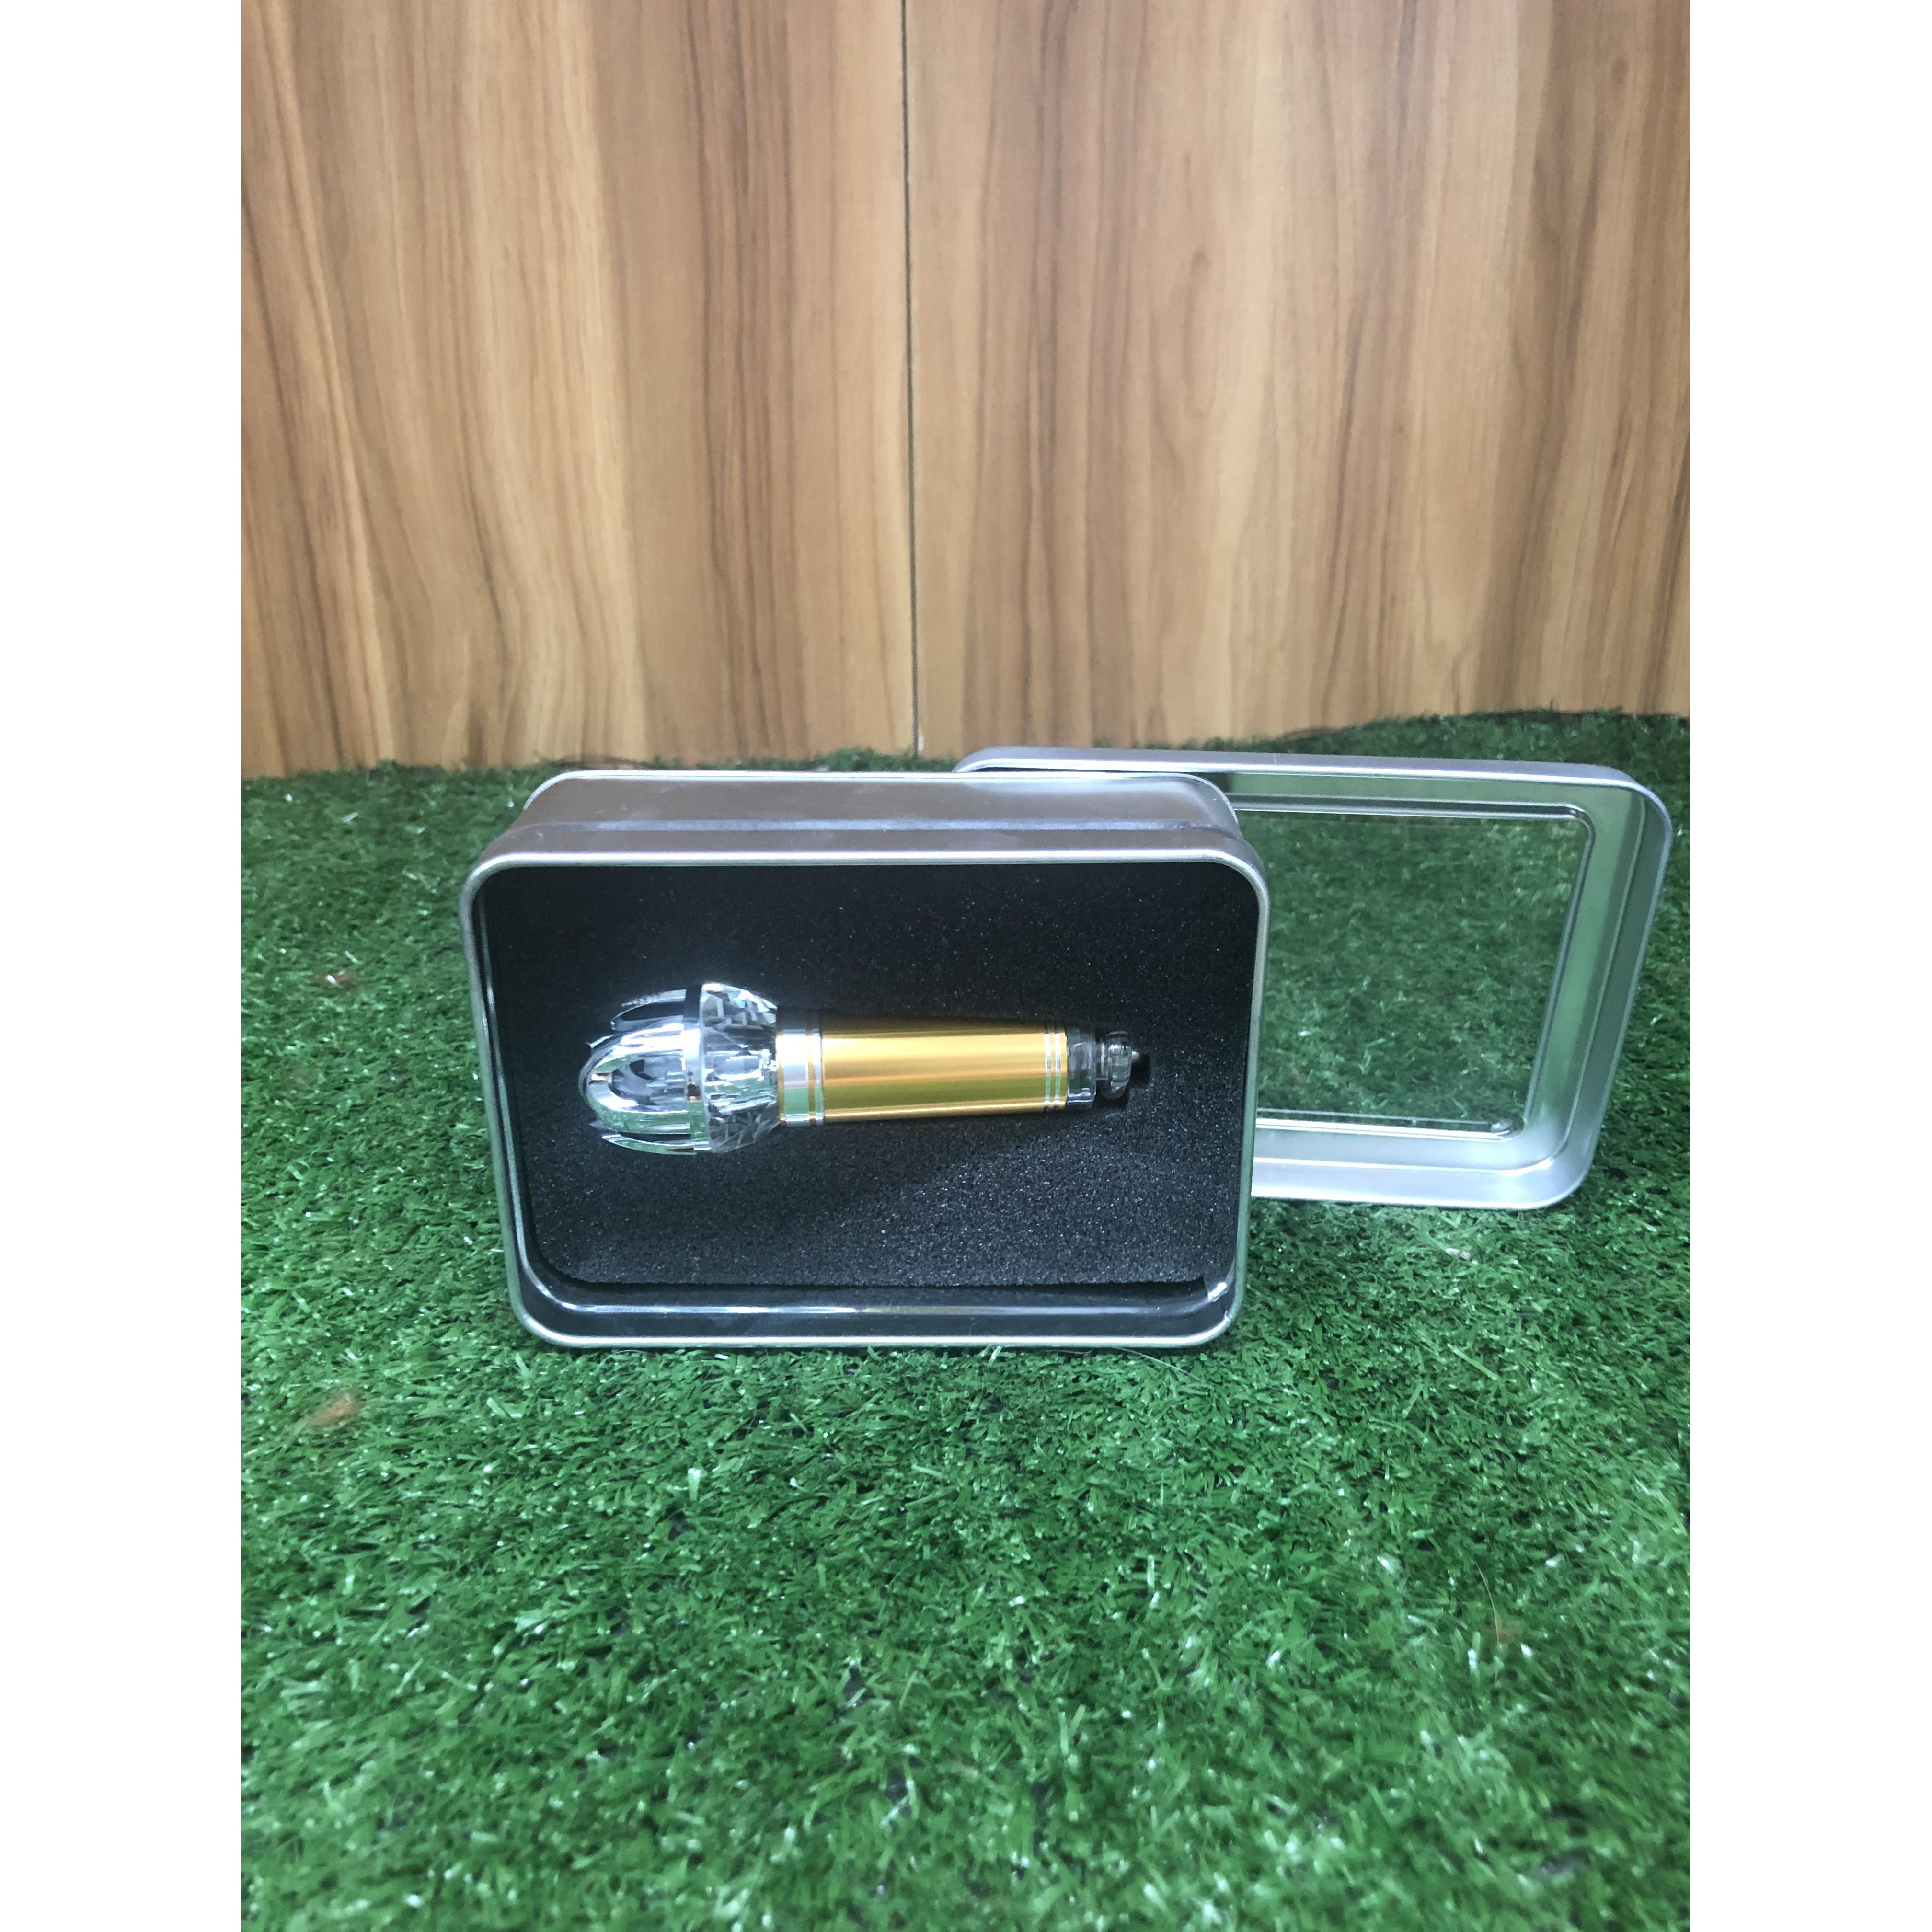 Thiết Bị Khử Mùi hôi, thuốc lá, Lọc Không Khí Xe Hơi Công Nghệ IONIZER Ozone Ion Cleaner 12V